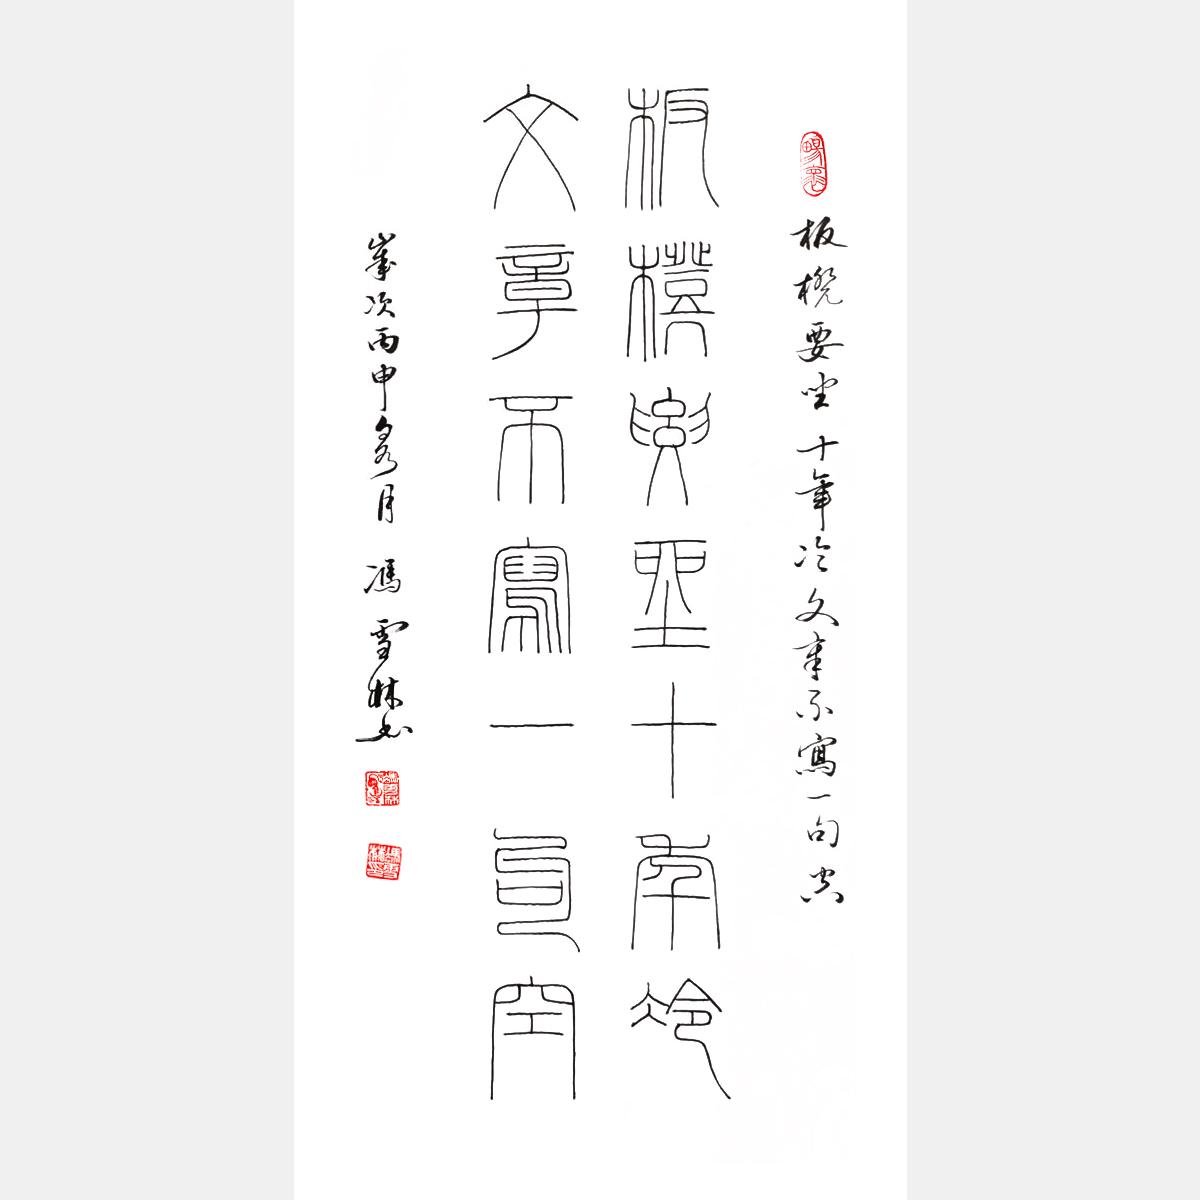 冯雪林书法作品 板凳要坐十年冷,文章不写一句空。 铁线篆